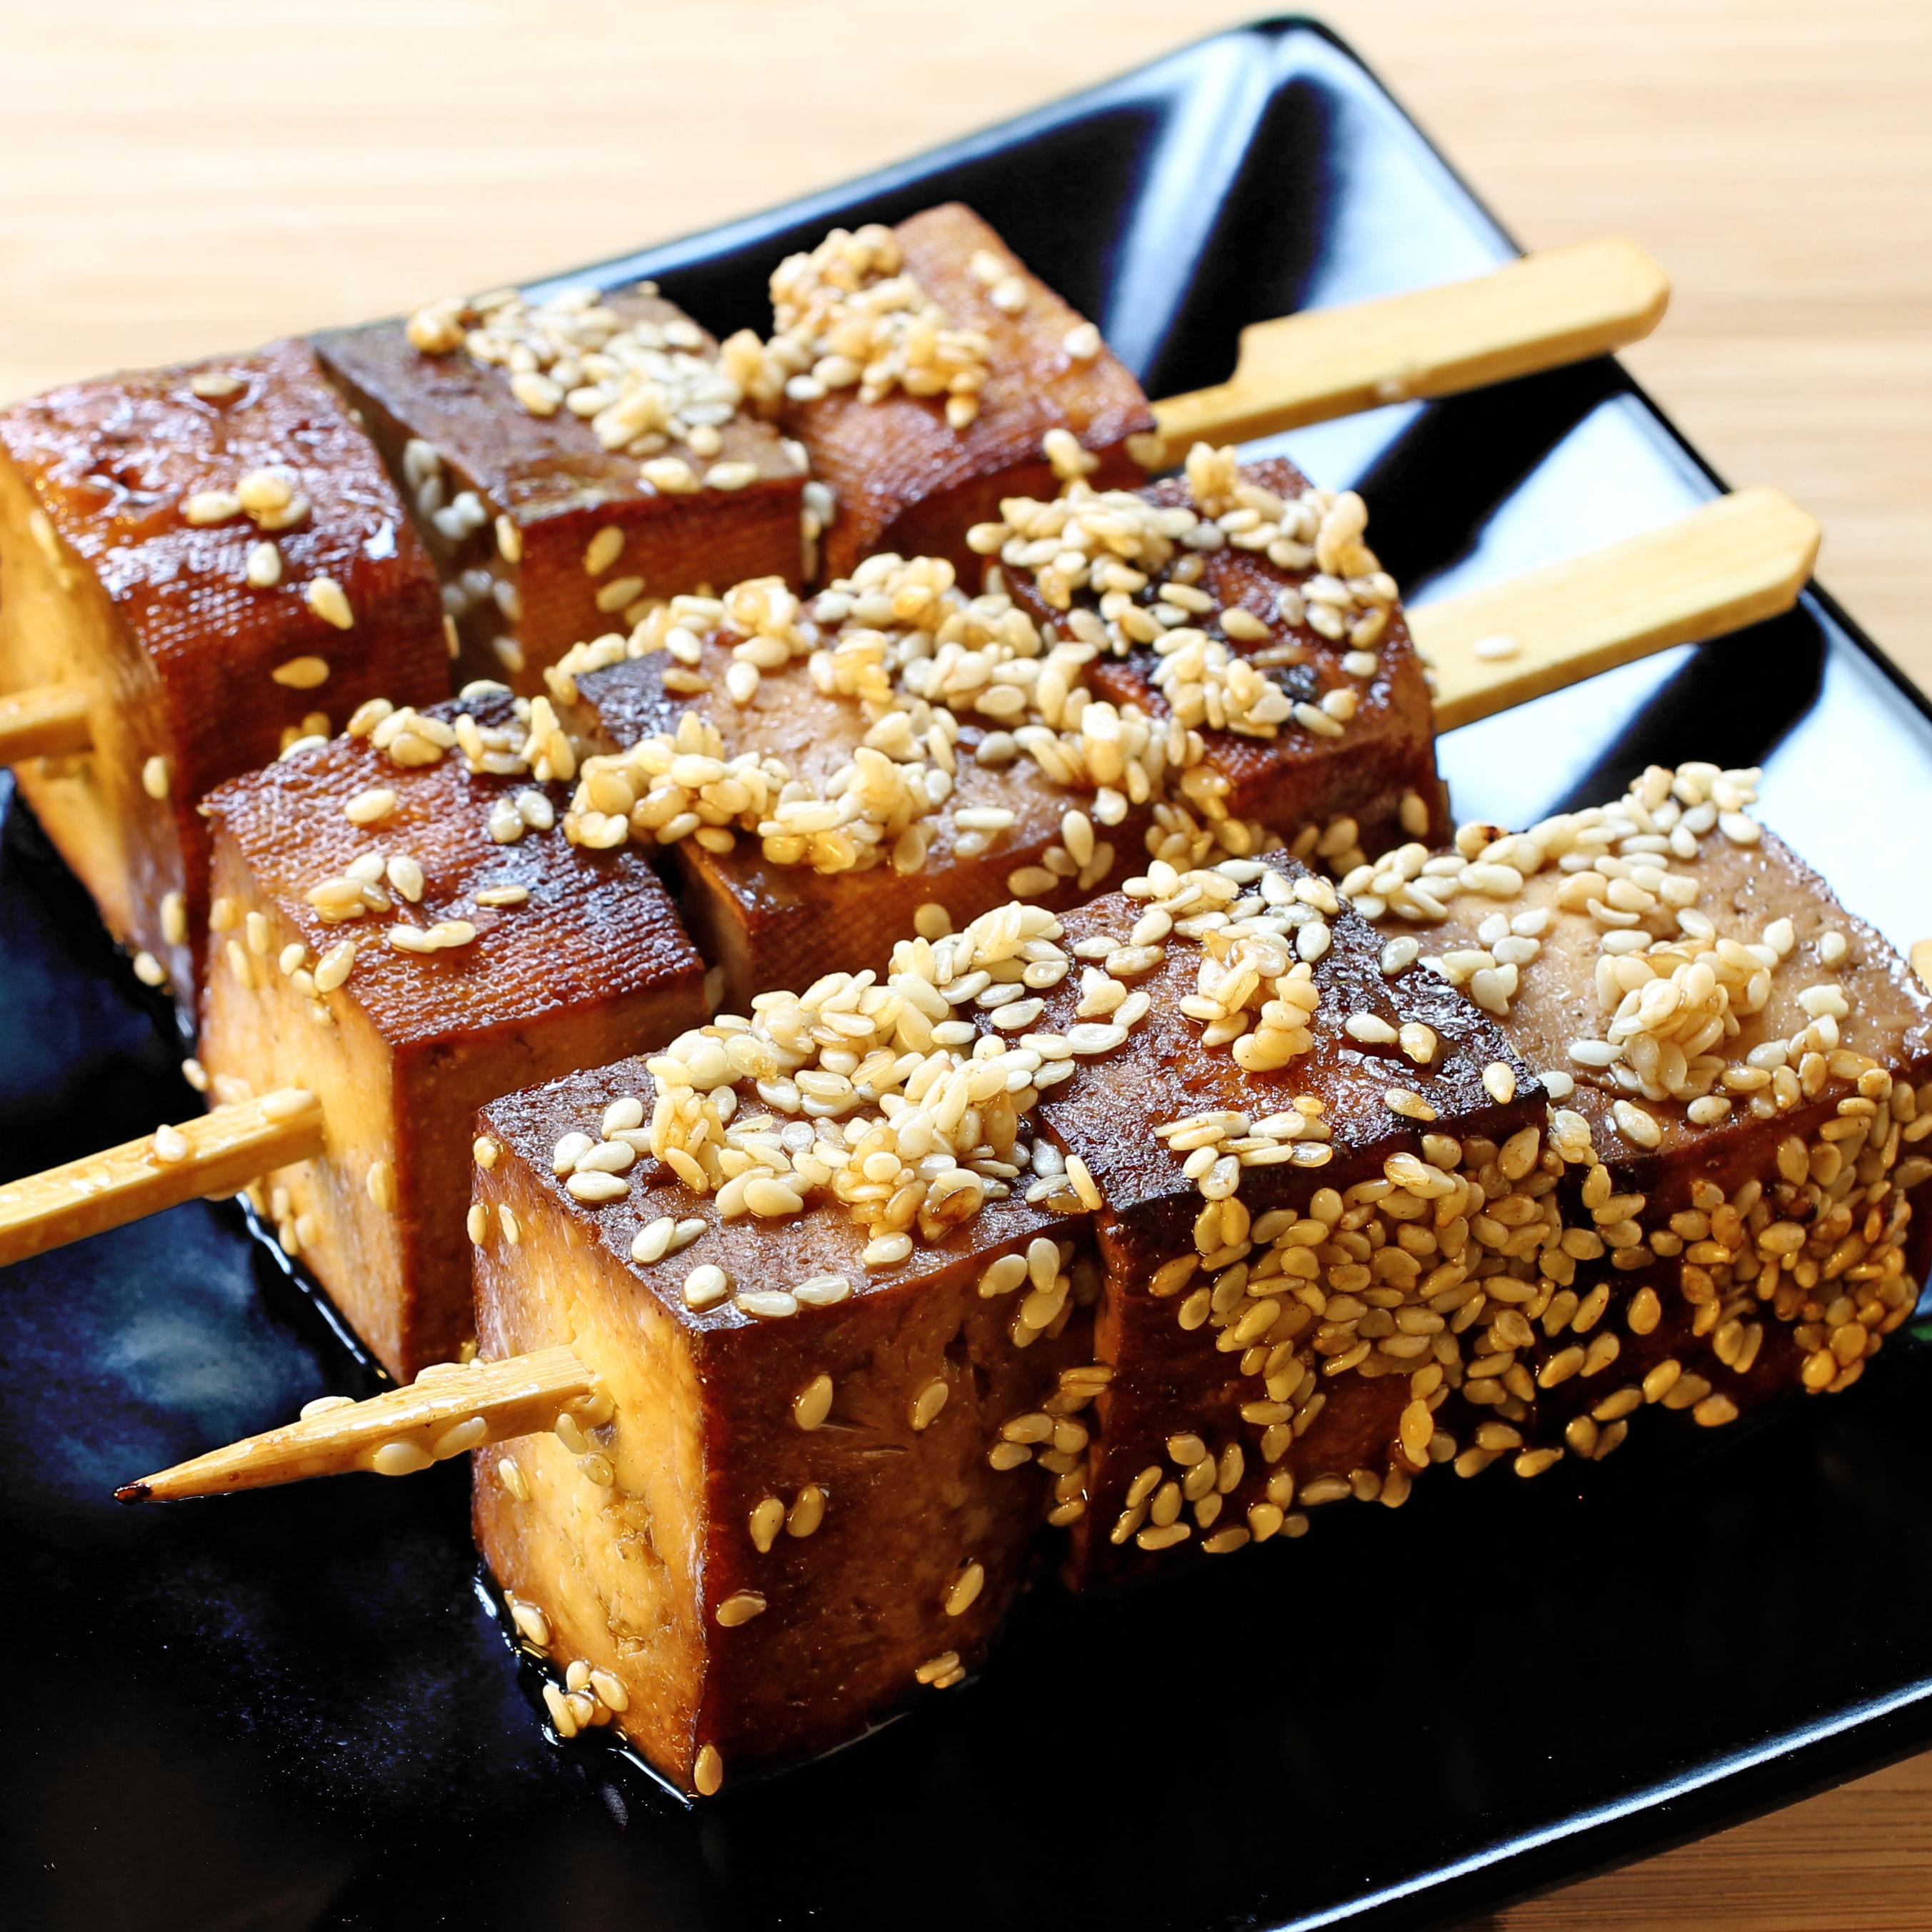 Brochettes de tofu au sésame sur assiette carrée noire